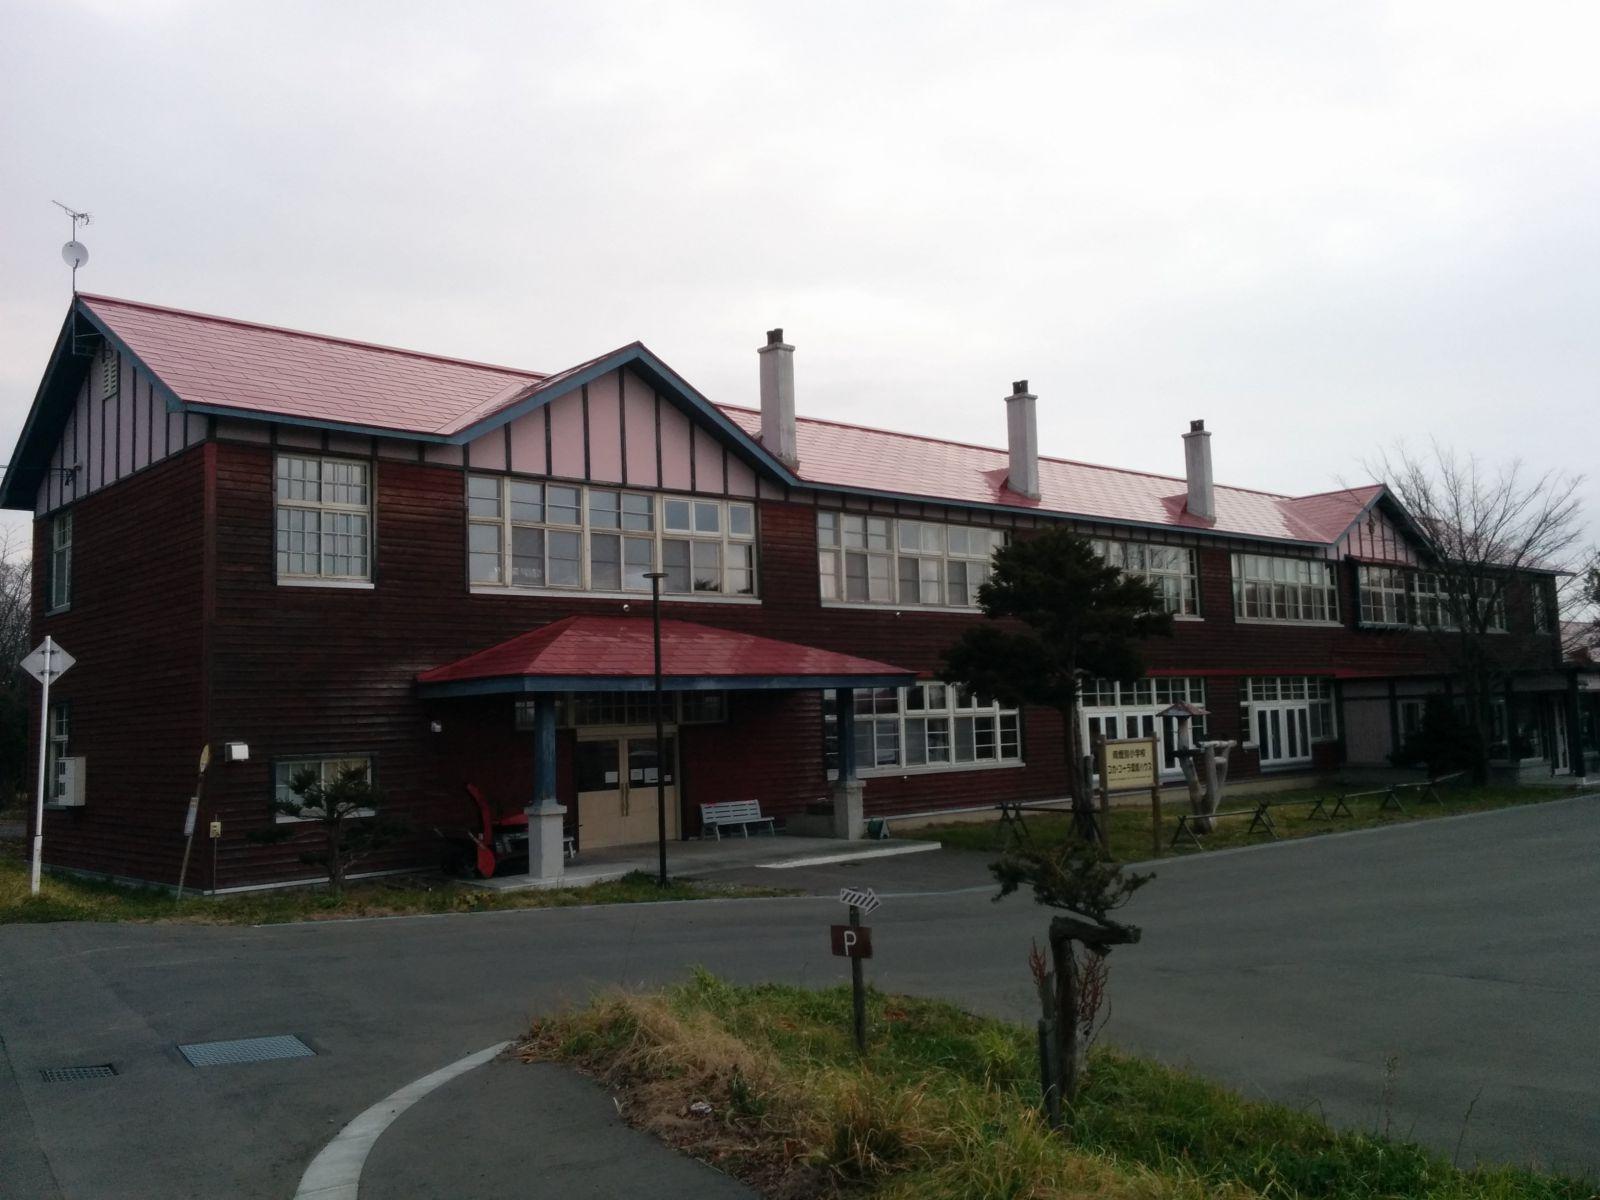 【栗山】栗山町・雨煙別小学校観光案内です。